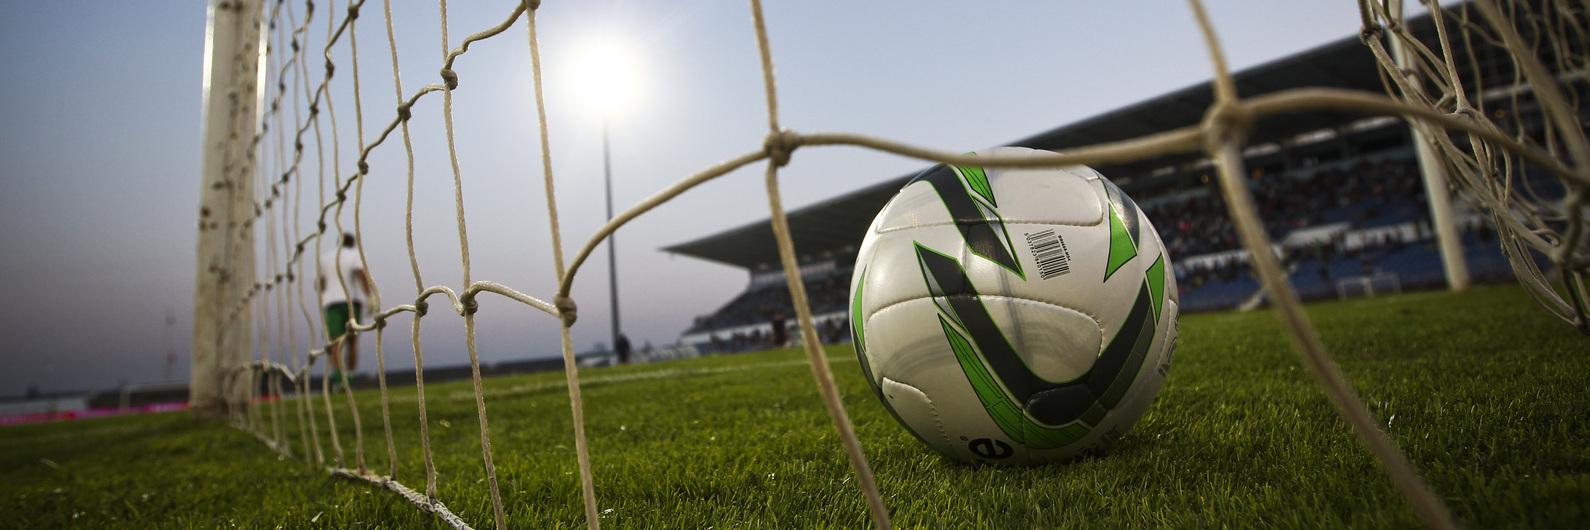 Governo analisa várias medidas para diminuir violência no futebol